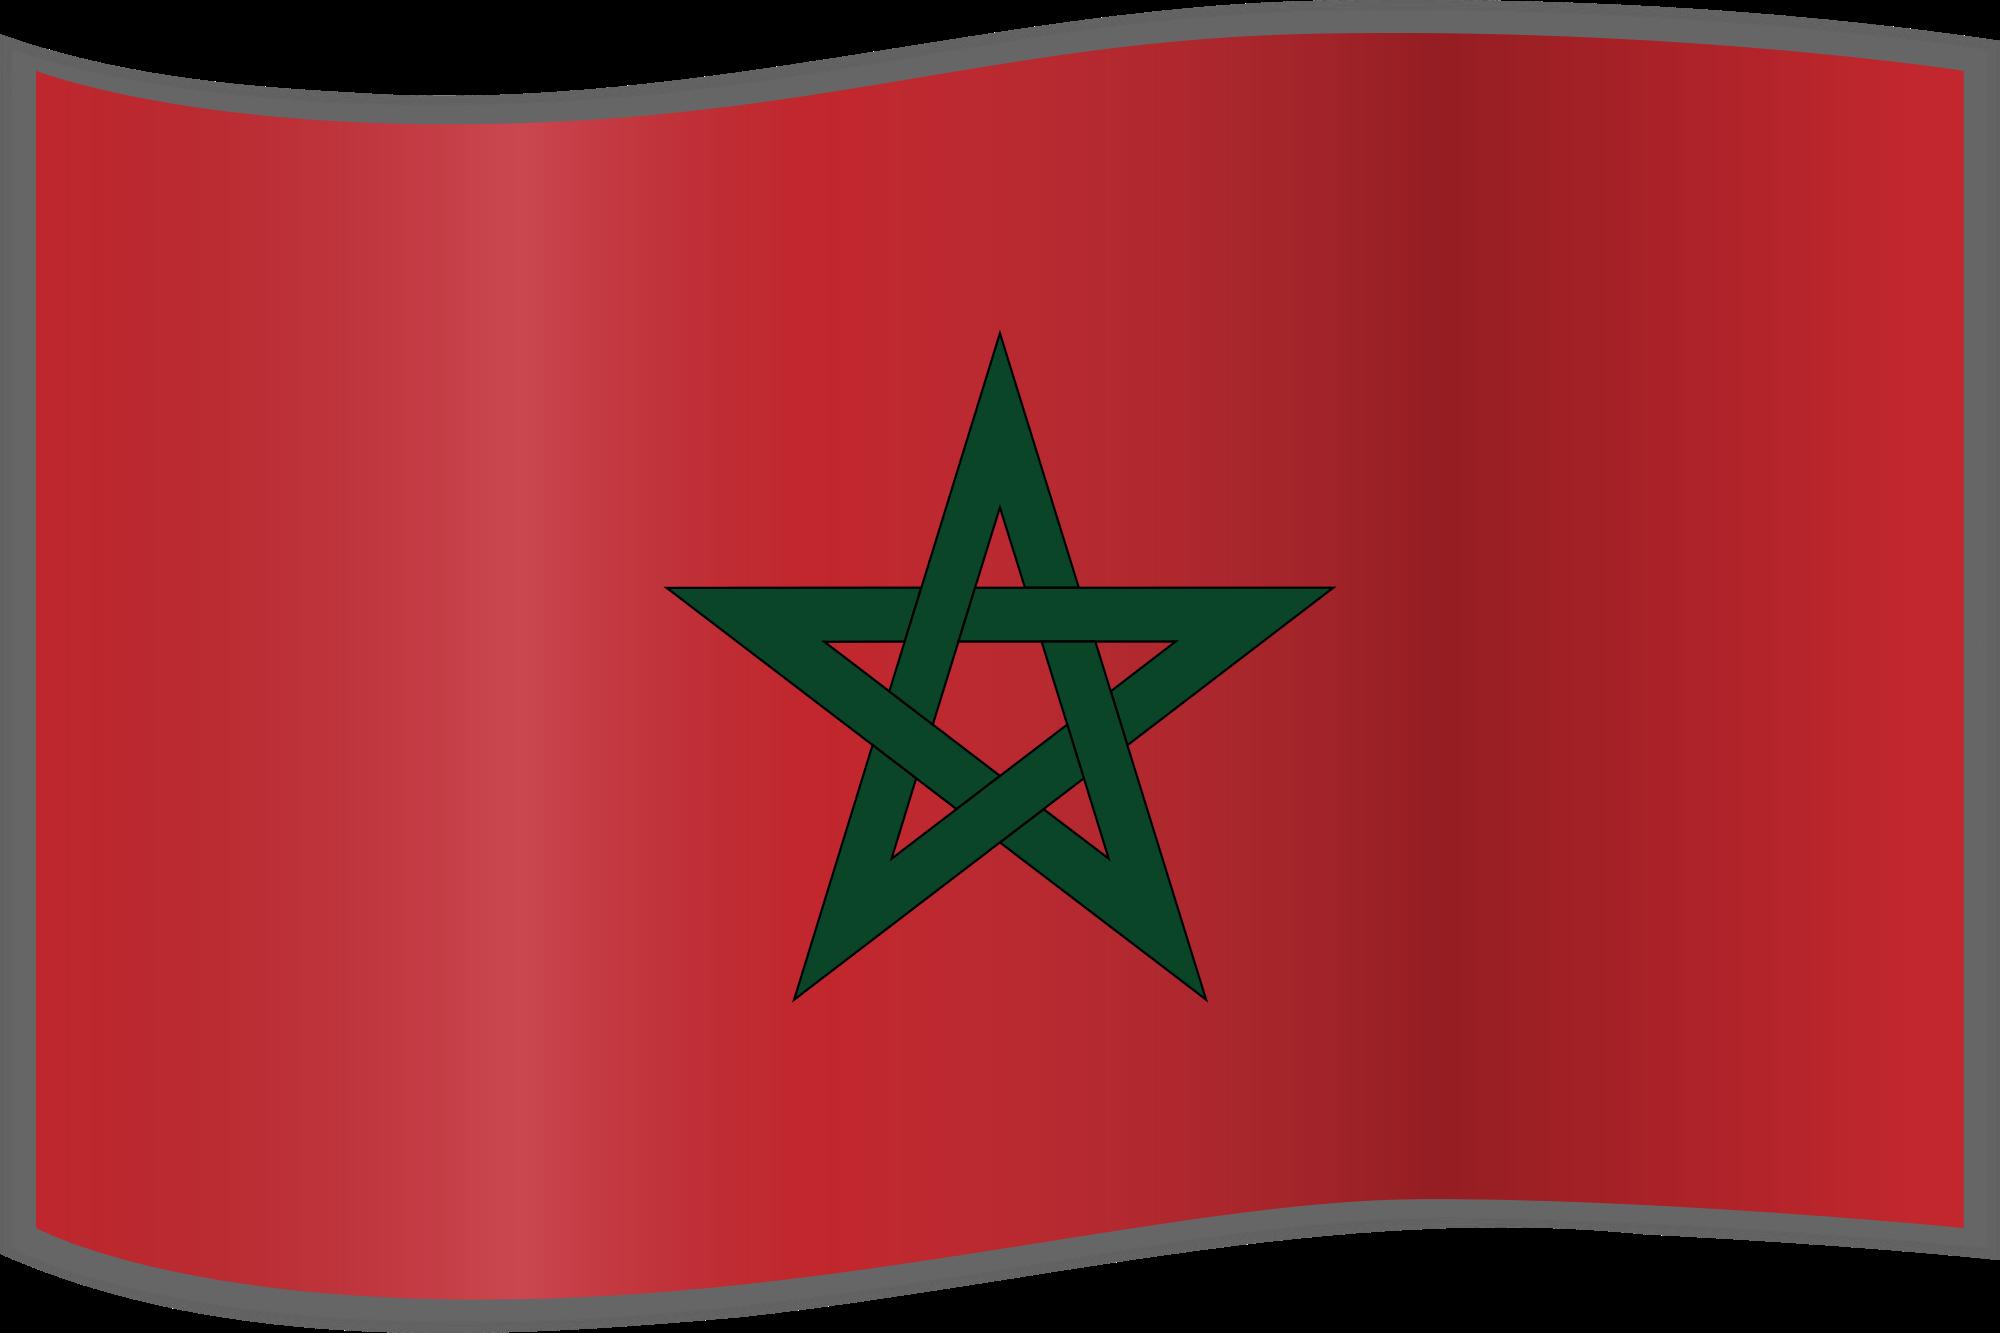 2000x1333 Fileflag Of Morocco Waving.svg